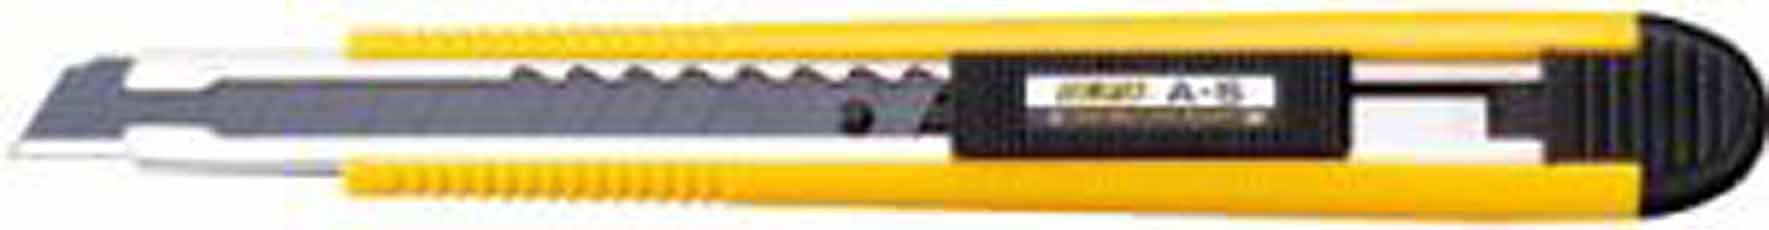 Afbreekmes met afbreekbaar mes type A-5 OLFA